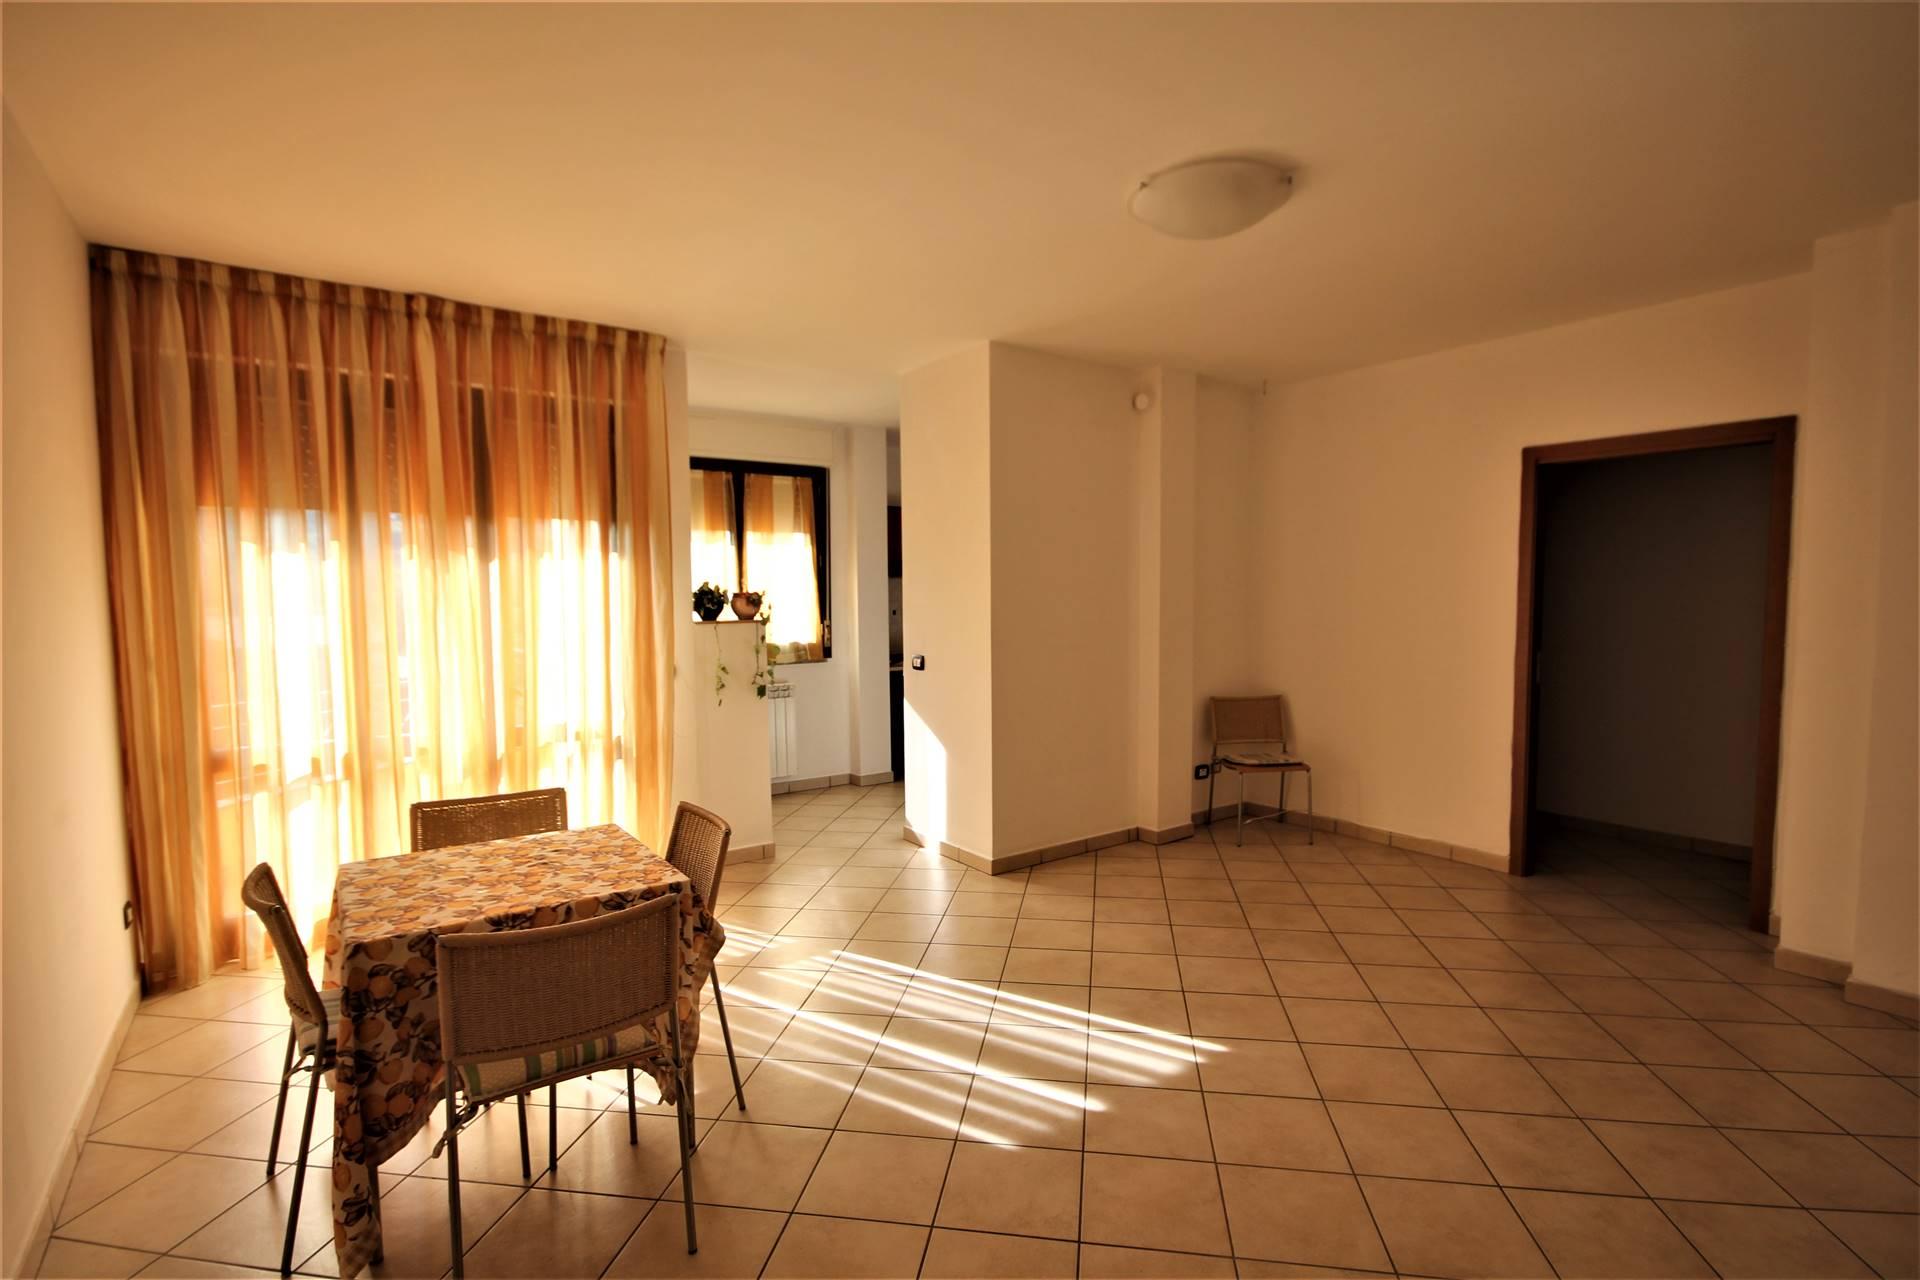 Appartamento in vendita a Panicale, 4 locali, zona Zona: Tavernelle, prezzo € 150.000 | CambioCasa.it